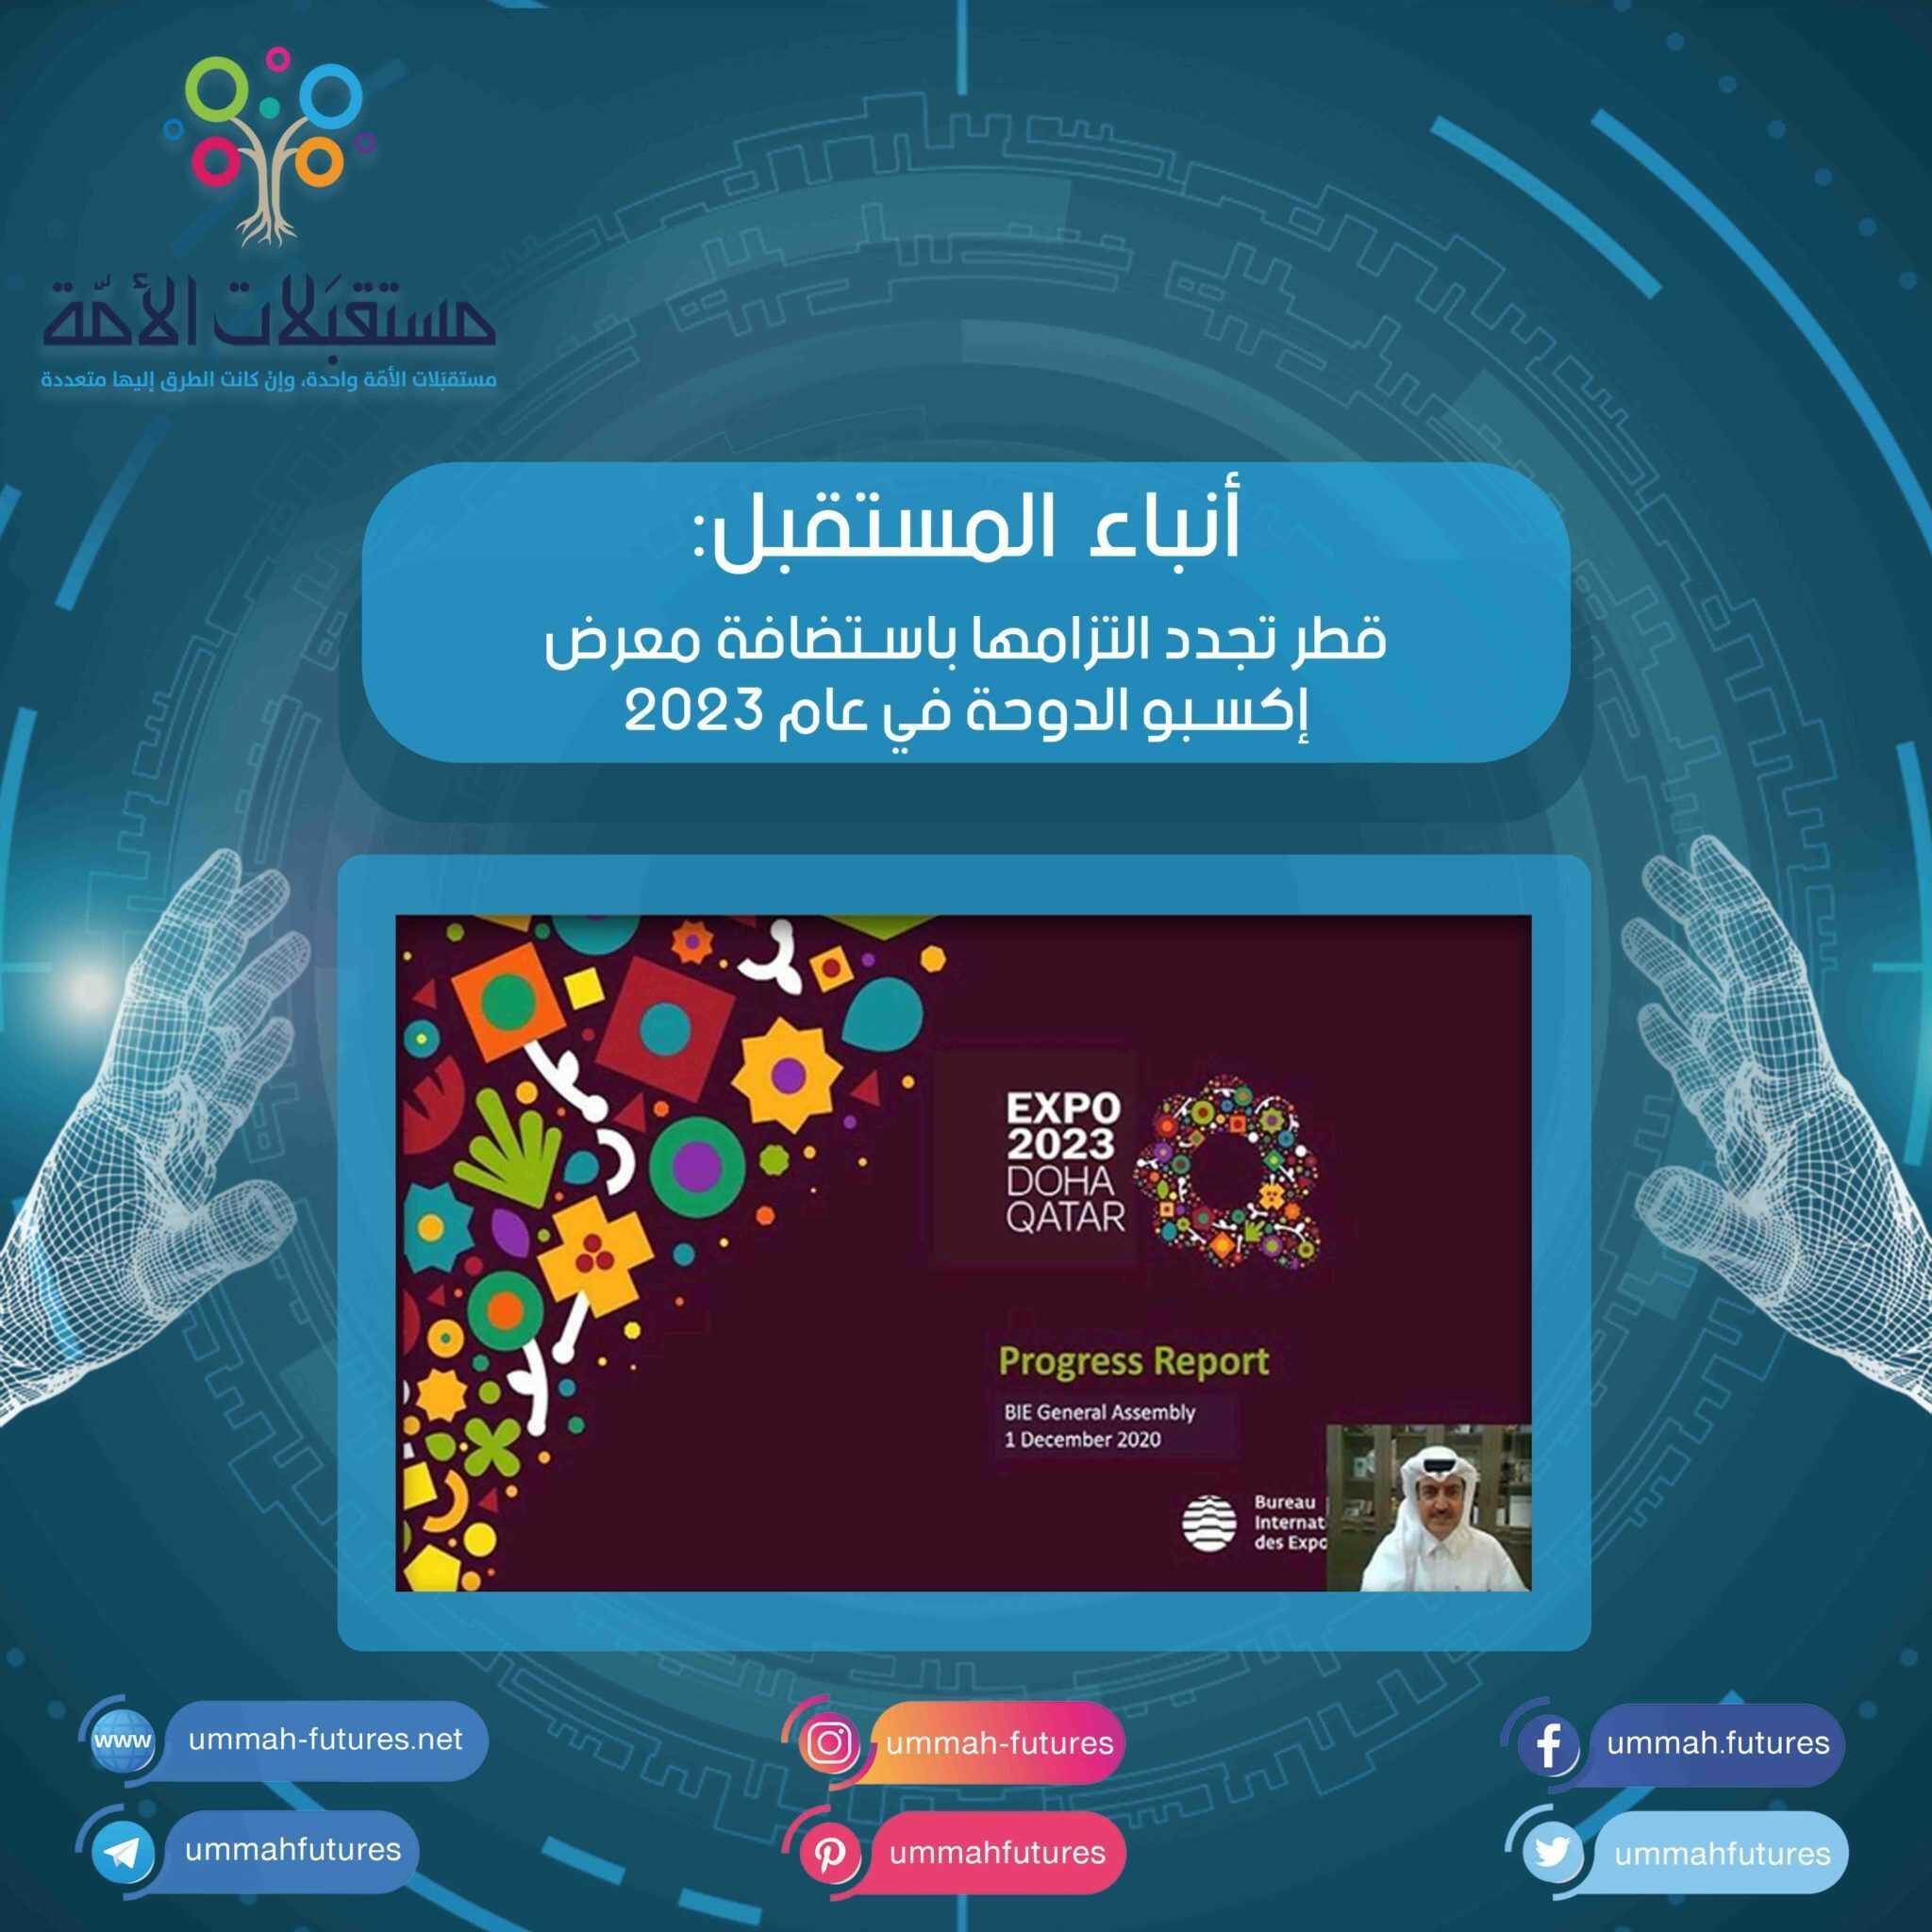 قطر تجدد التزامها باستضافة معرض إكسبو الدوحة في عام 2023